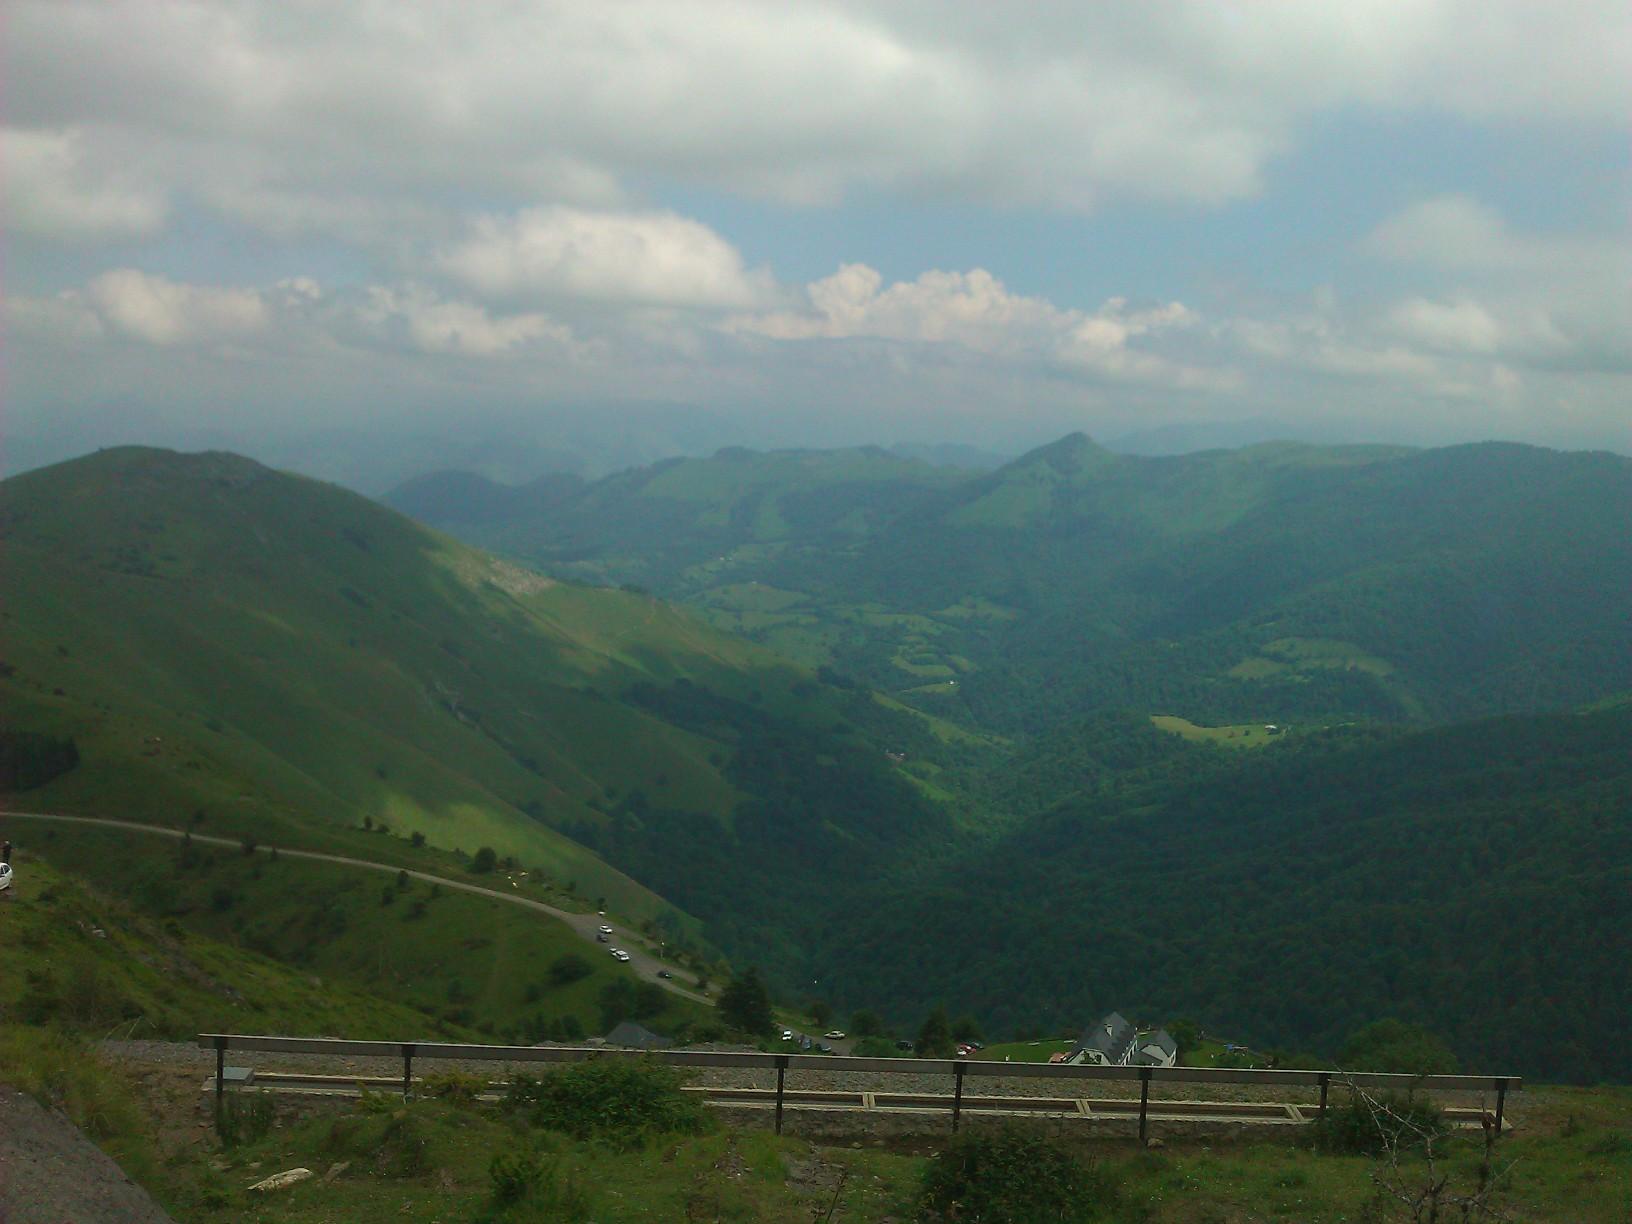 montagne, ahusquy